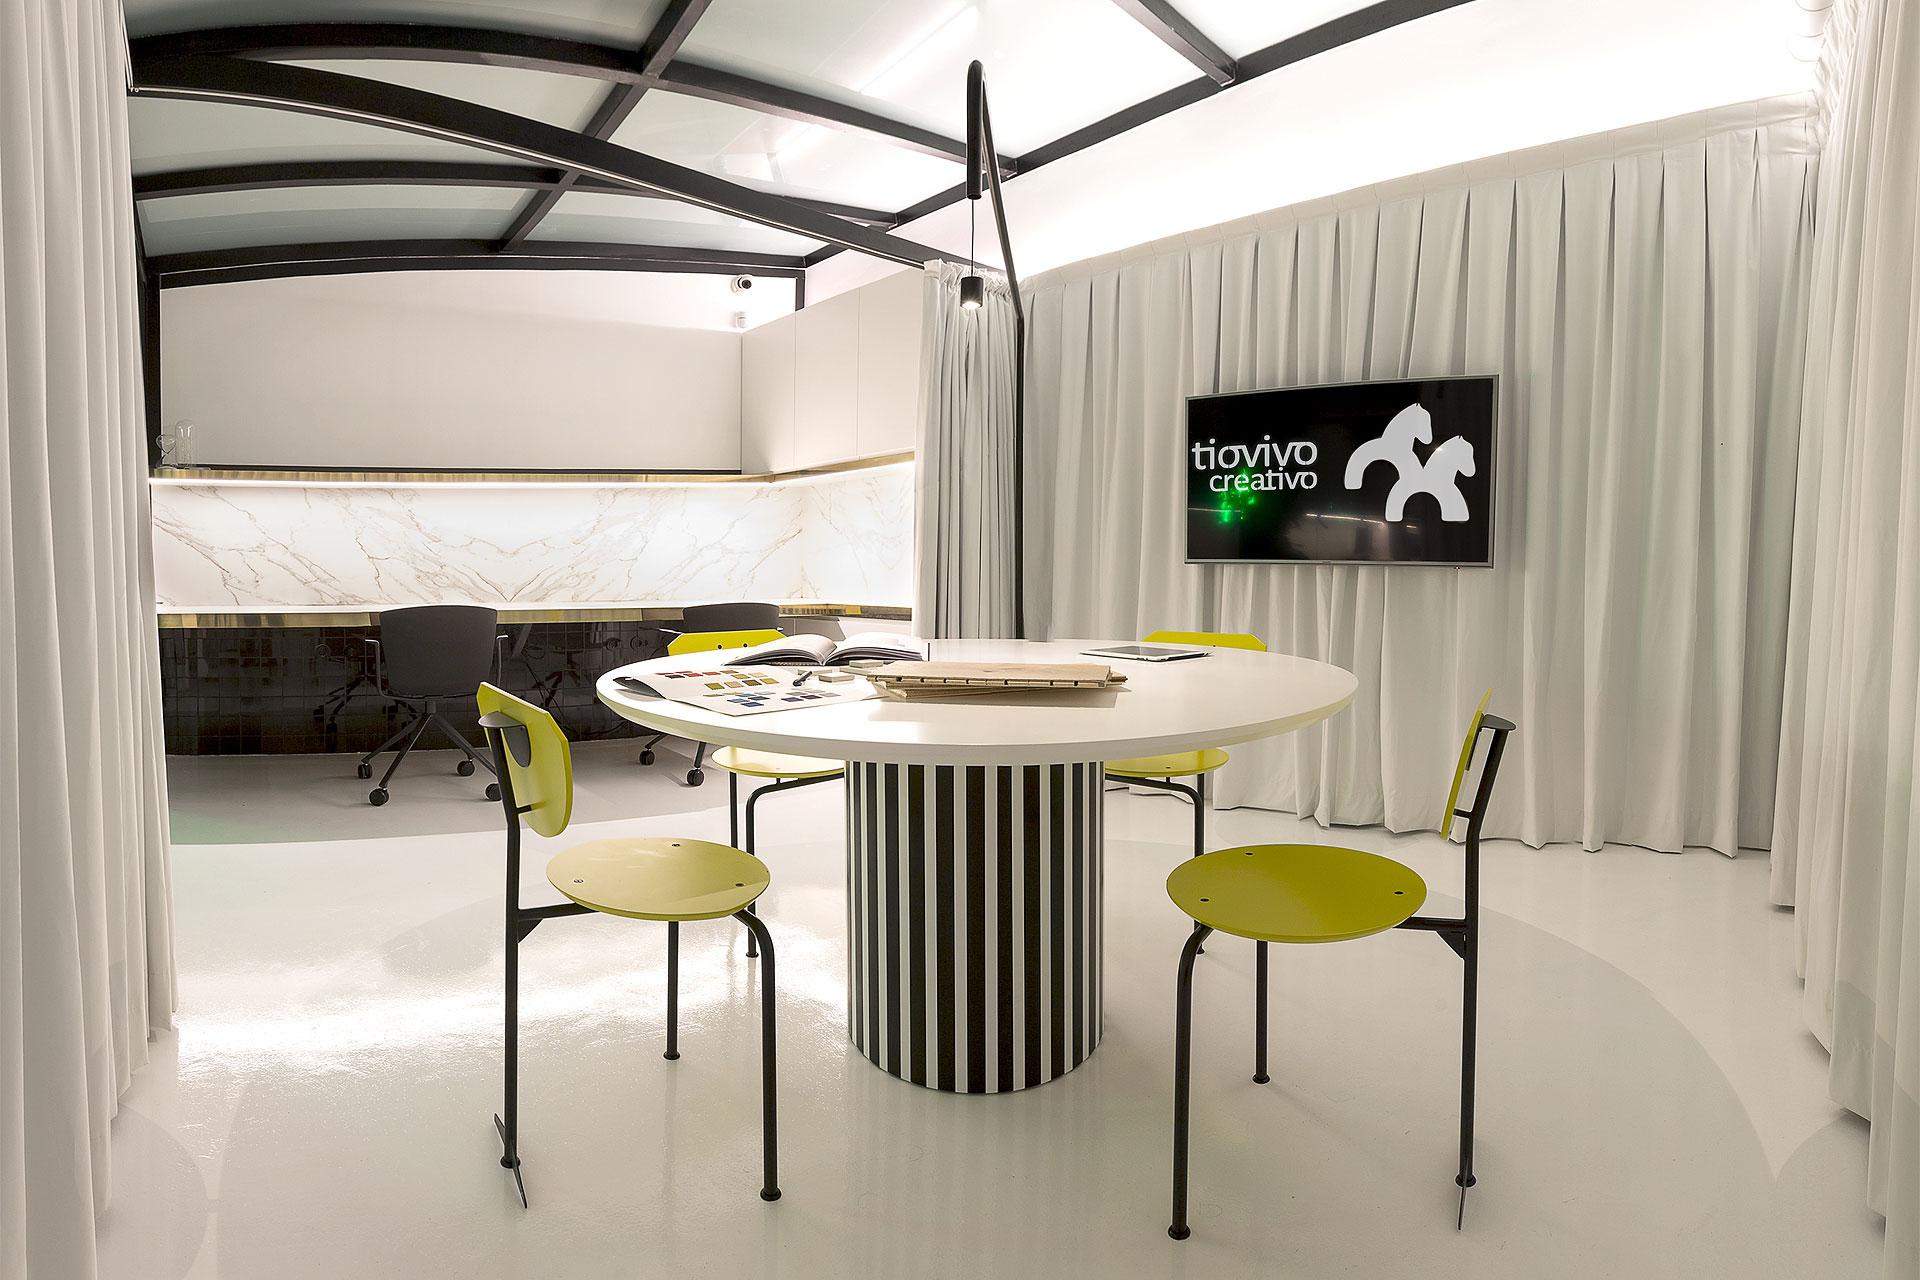 El estudio tiovivo creativo estrena oficinas y coworking for Oficinas de padron valencia